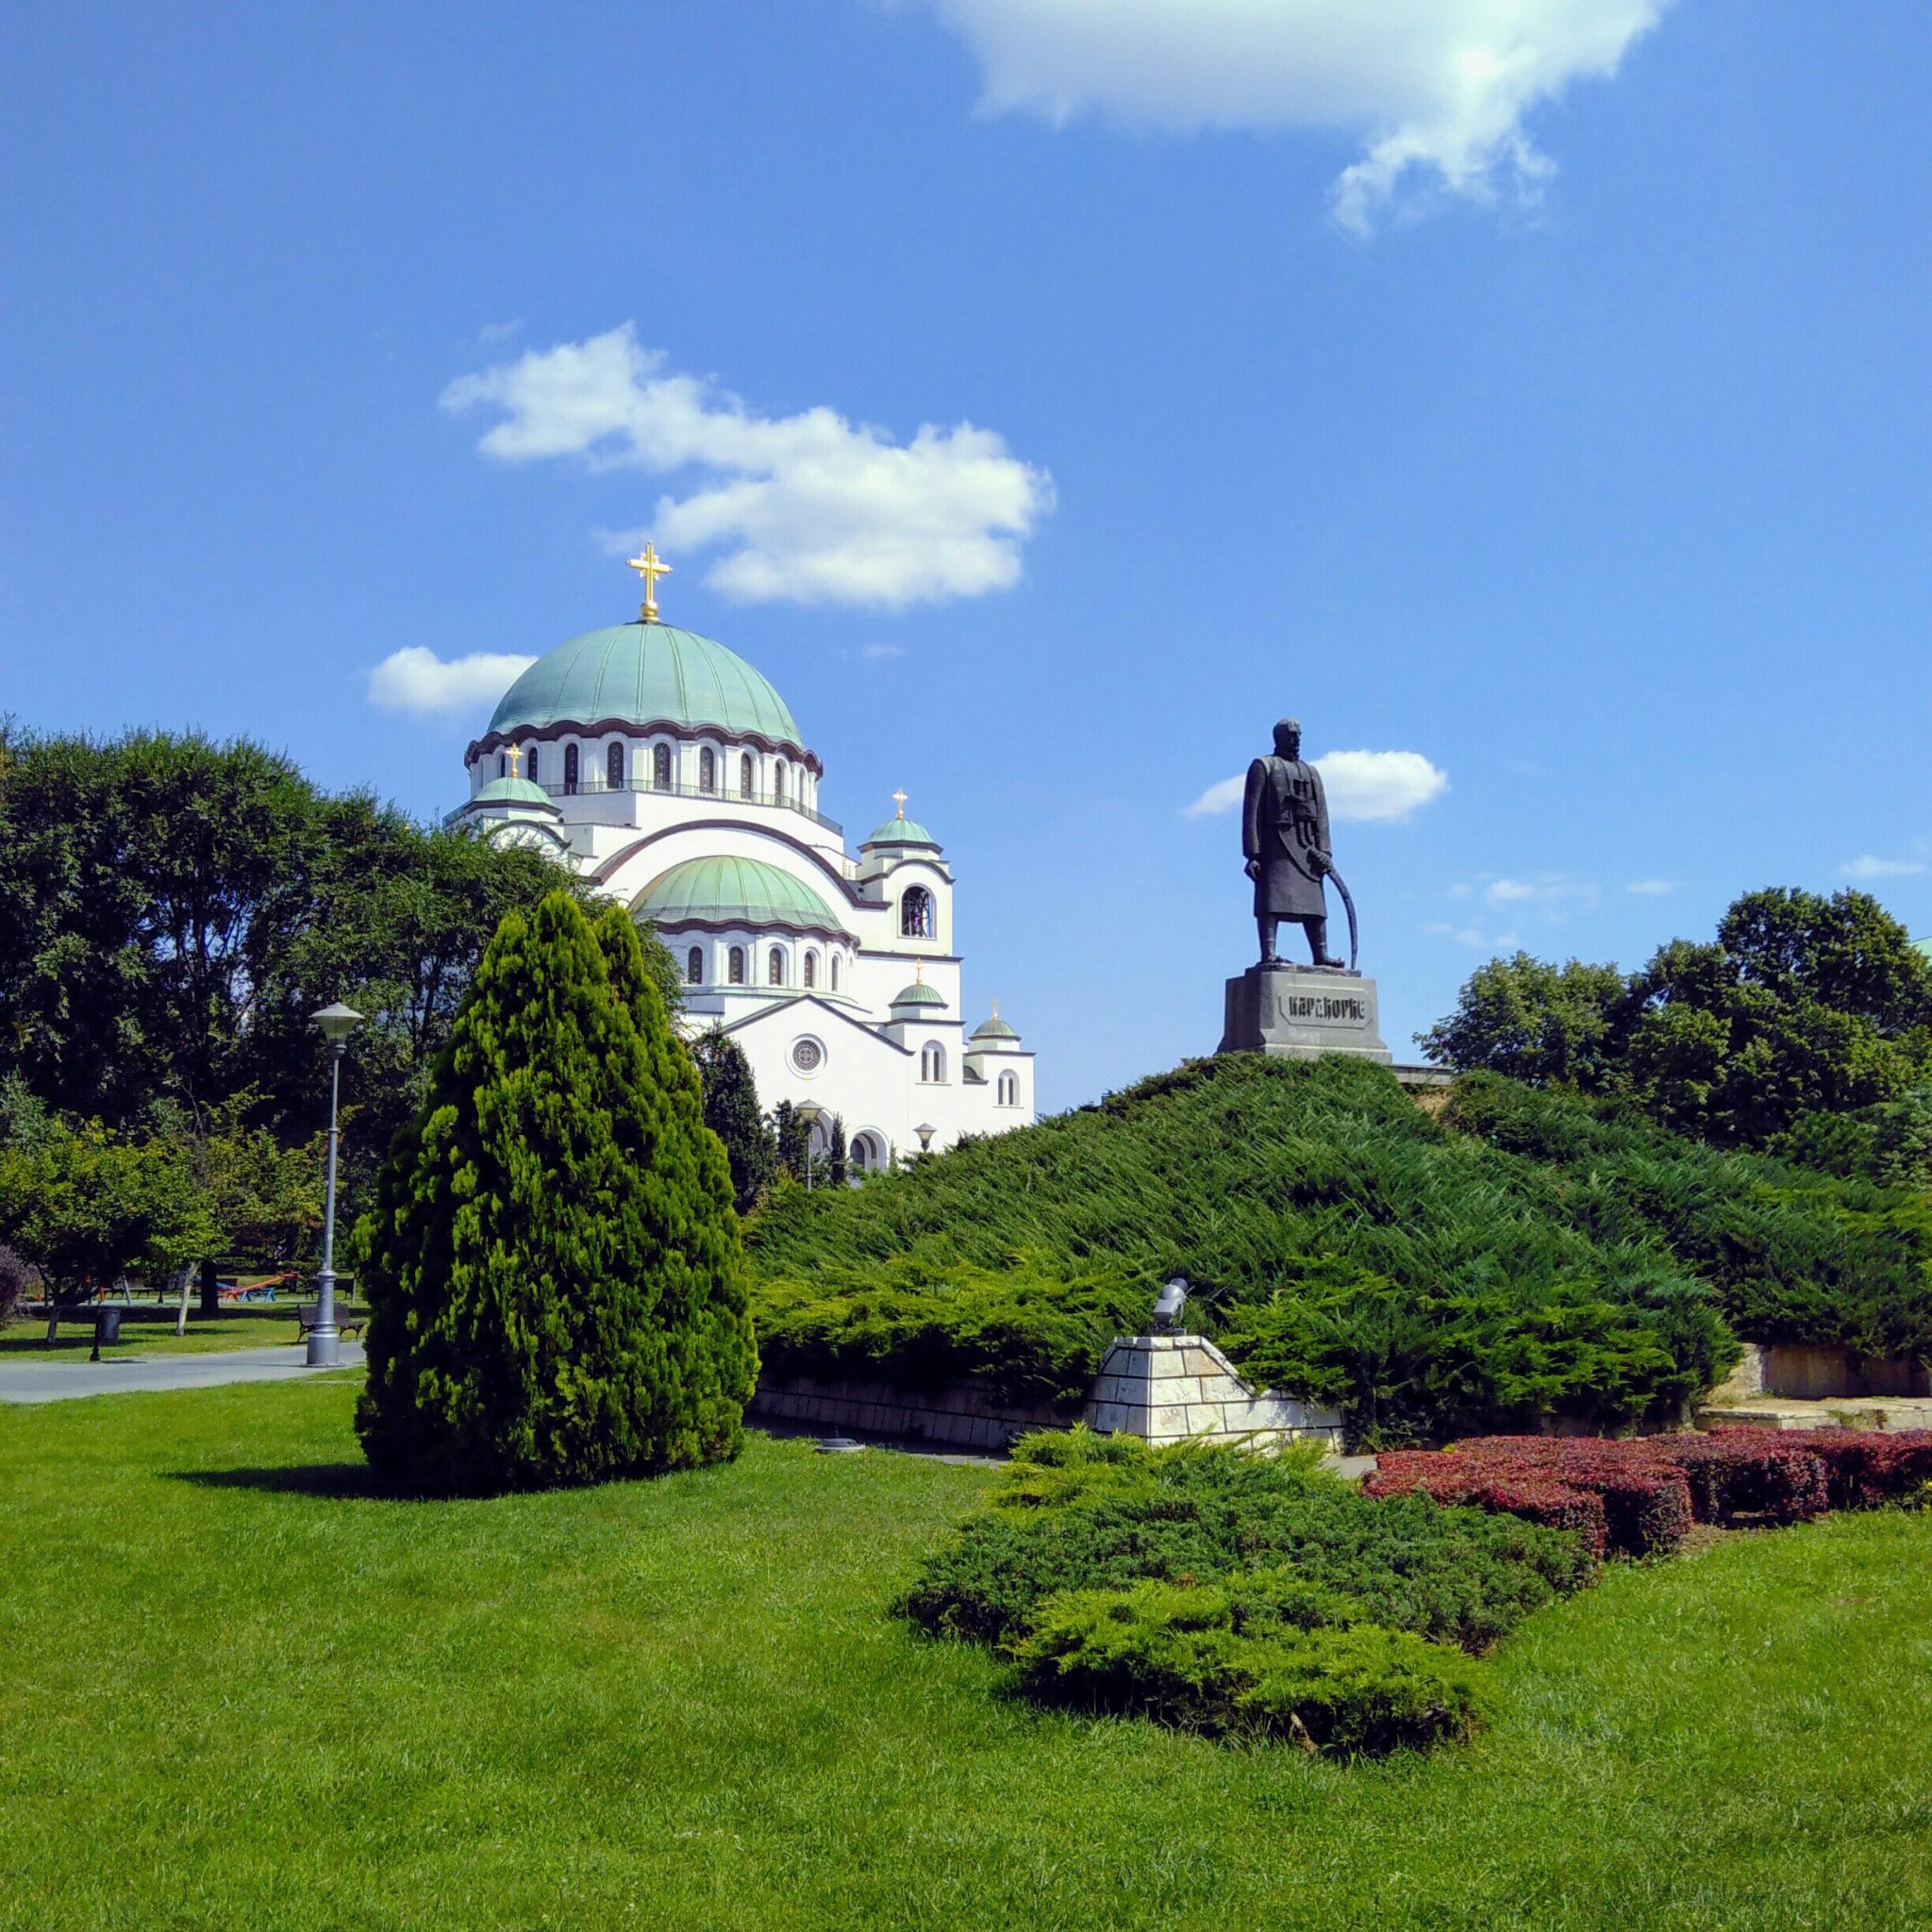 De Heilige Sava kerk in Belgrado kwam ik op één van mijn reizen tegen.